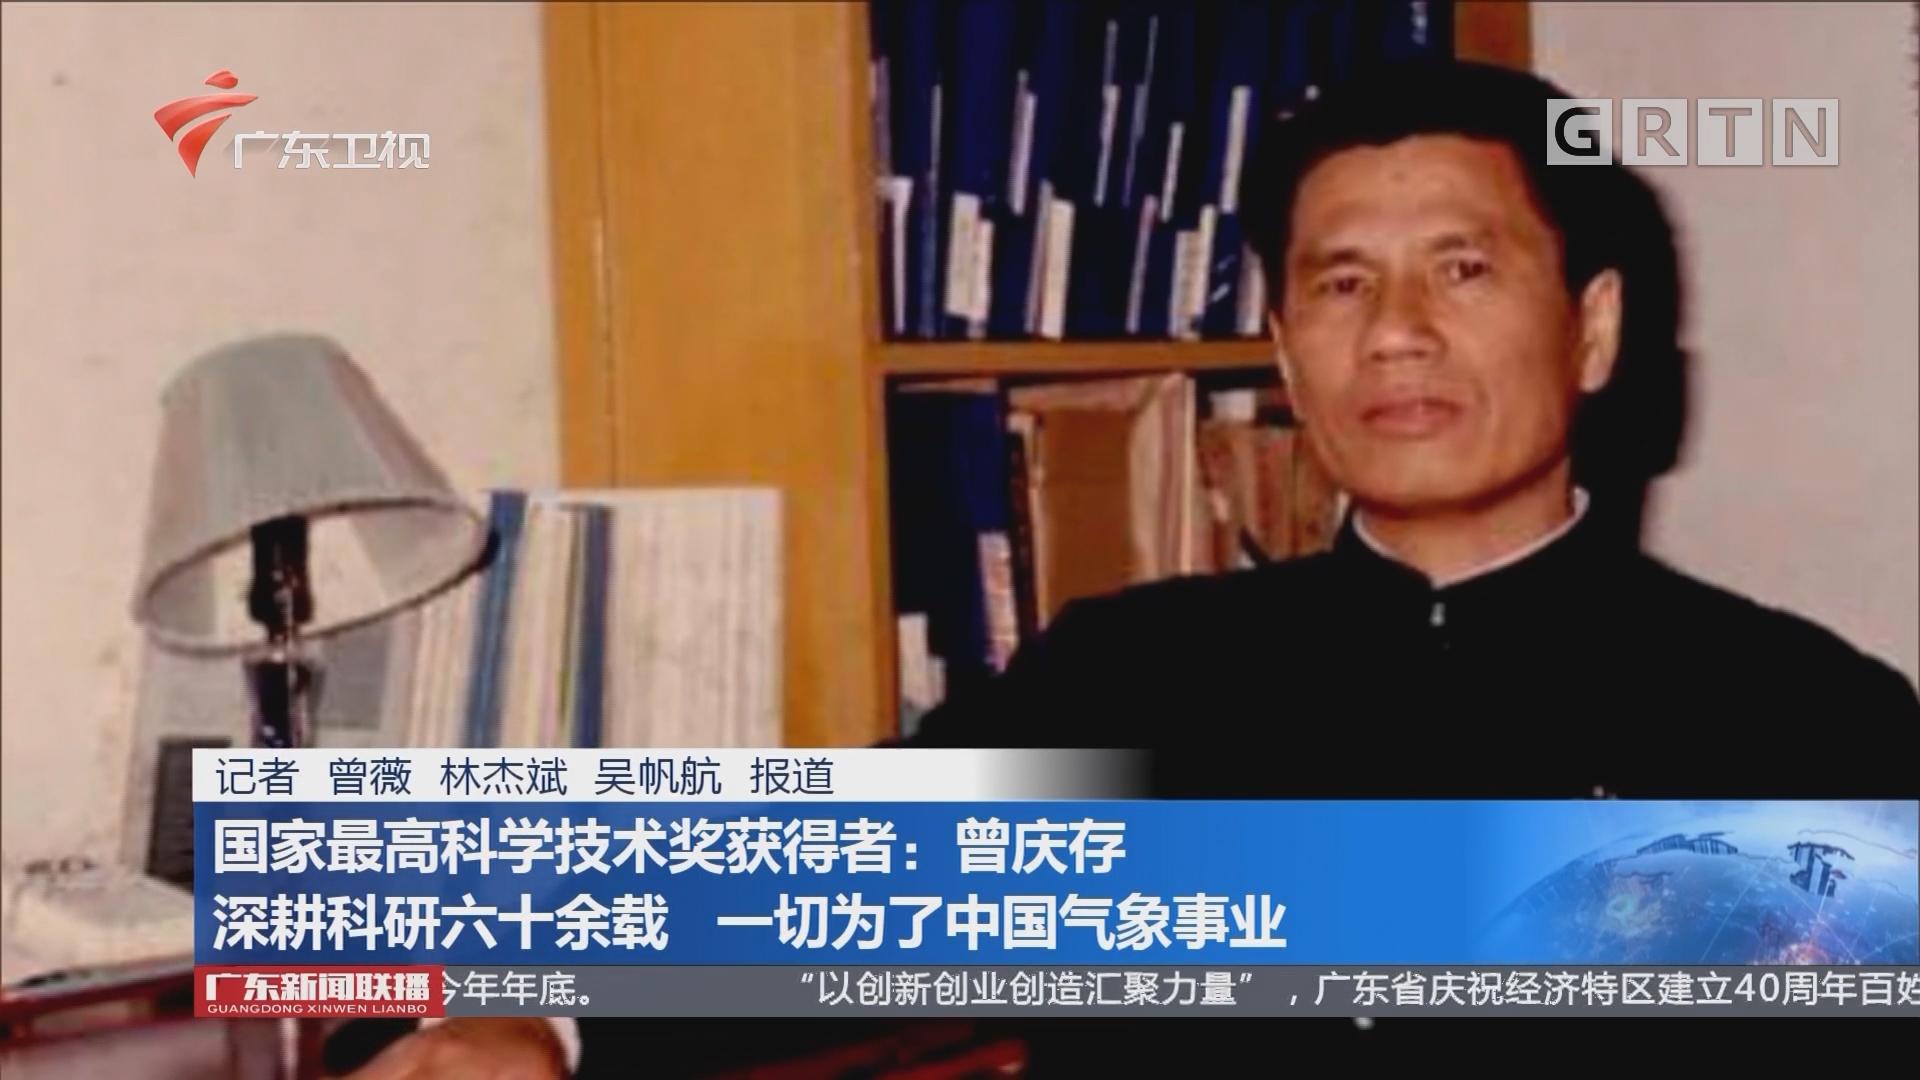 国家最高科学技术奖获得者:曾庆存 深耕科研六十余载 一切为了中国气象事业